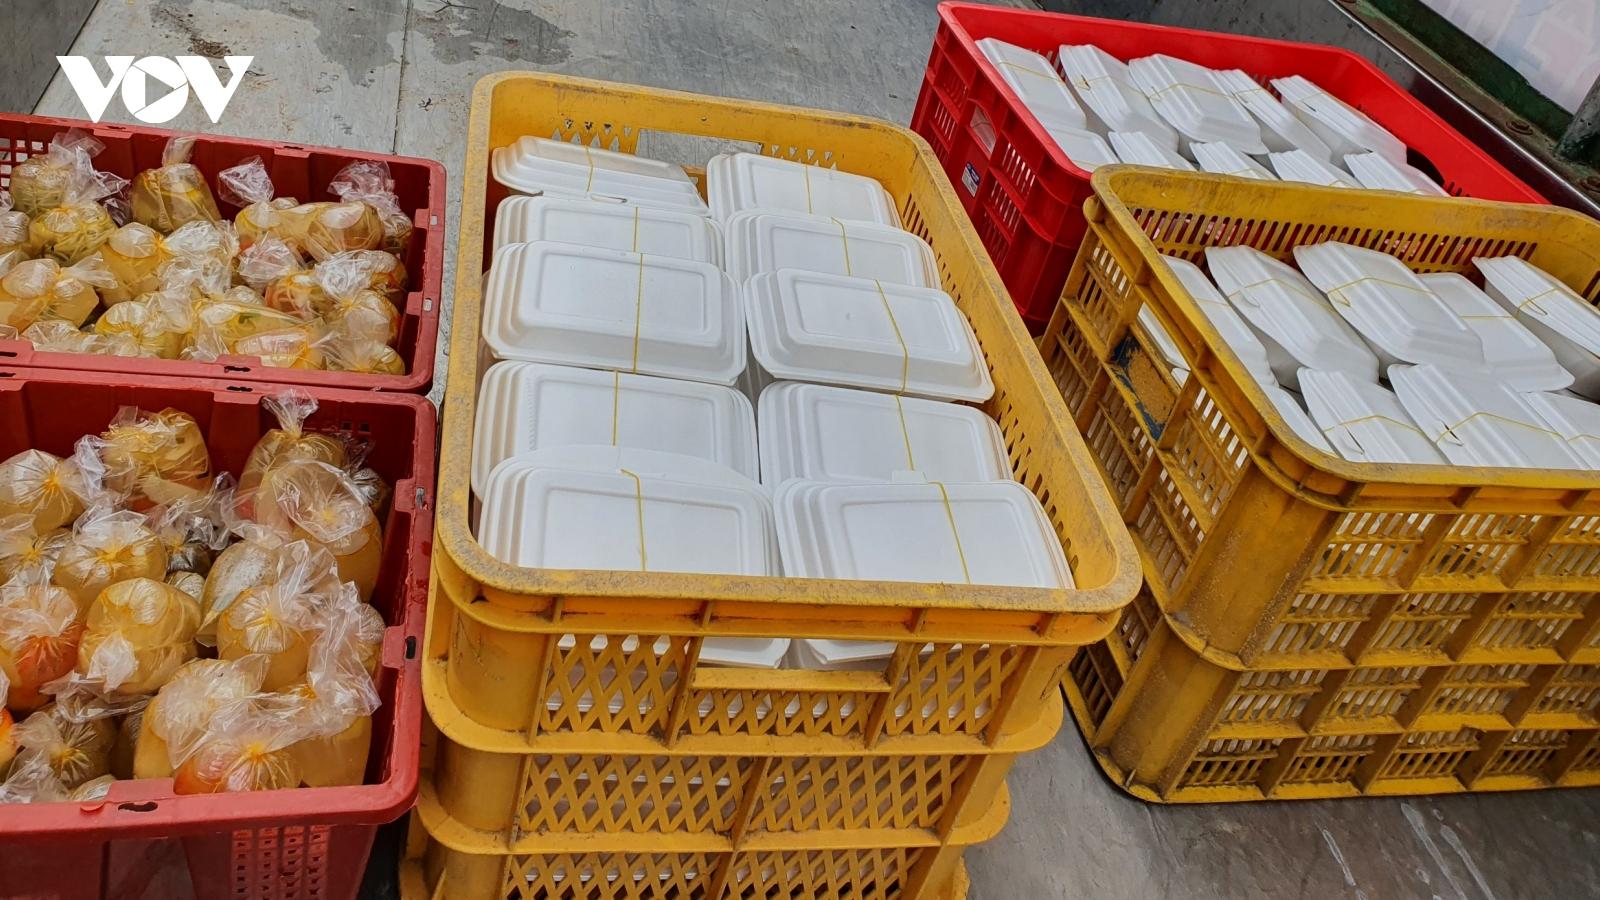 Những bếp ăn tình thương, cây gạo ATM giúp người nghèo trong dịch bệnh Covid-19